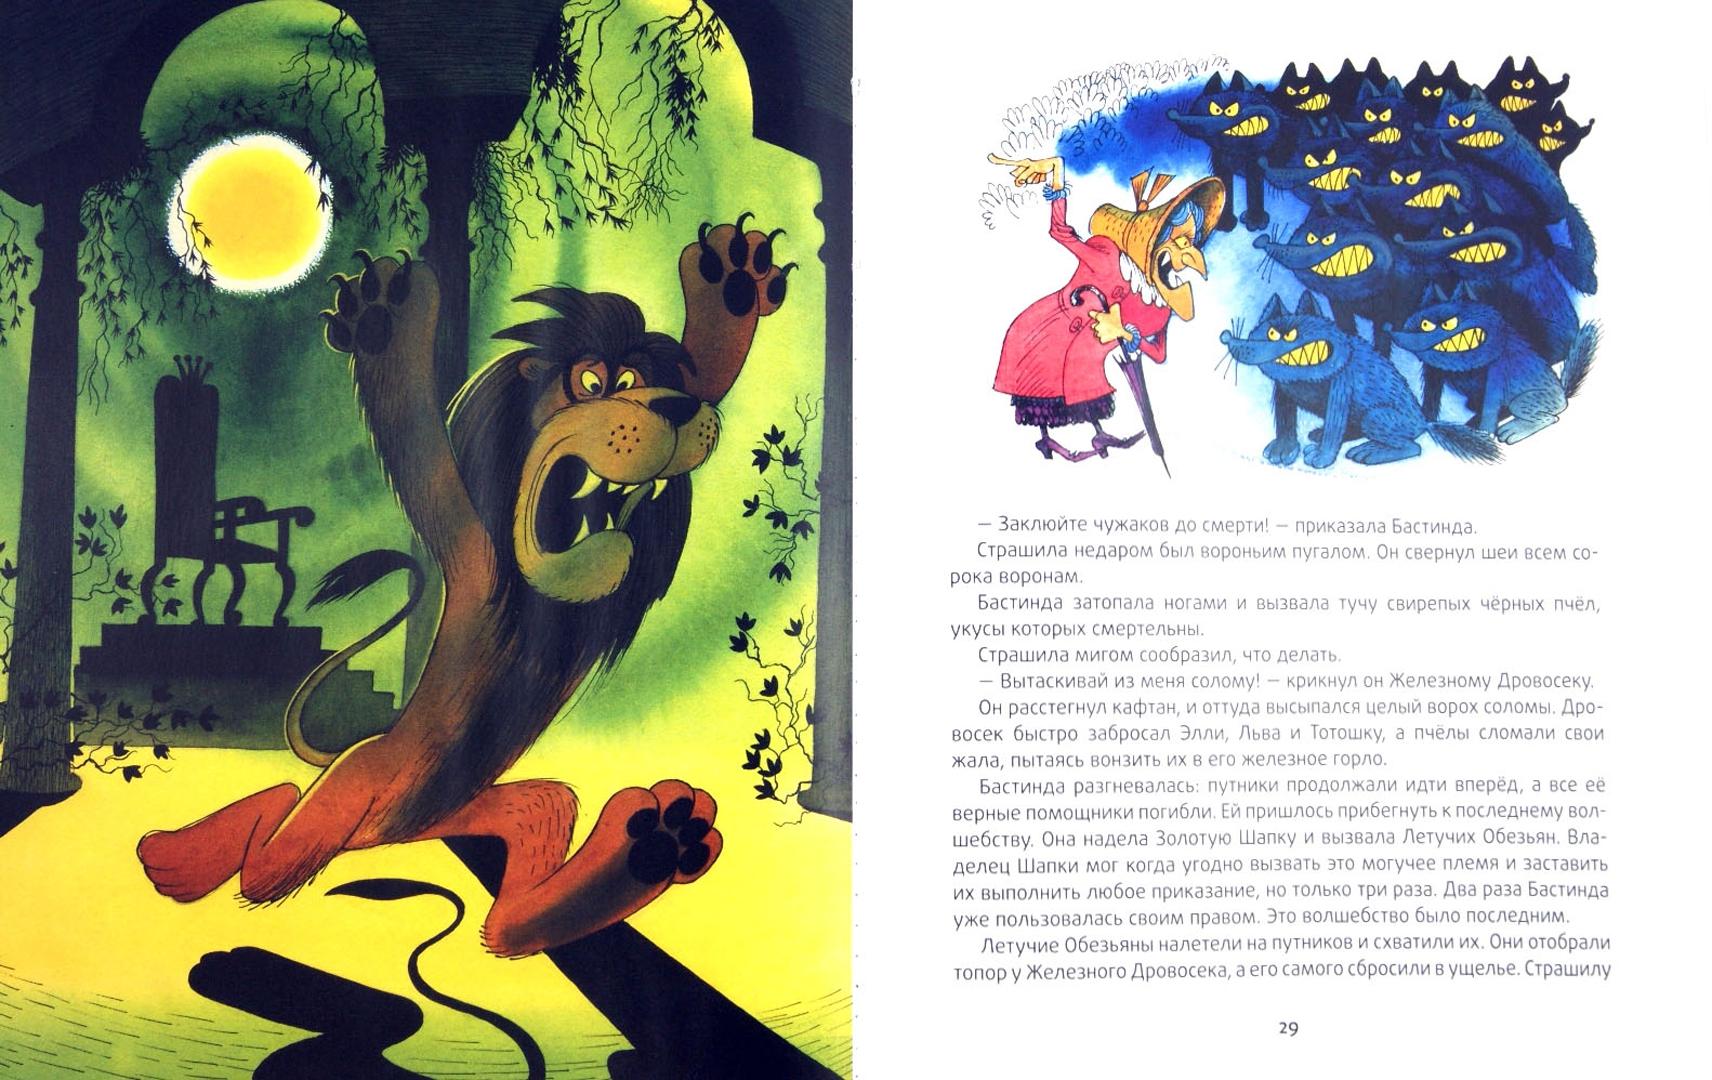 Иллюстрация 1 из 10 для Волшебник Изумрудного города - Александр Волков   Лабиринт - книги. Источник: Лабиринт